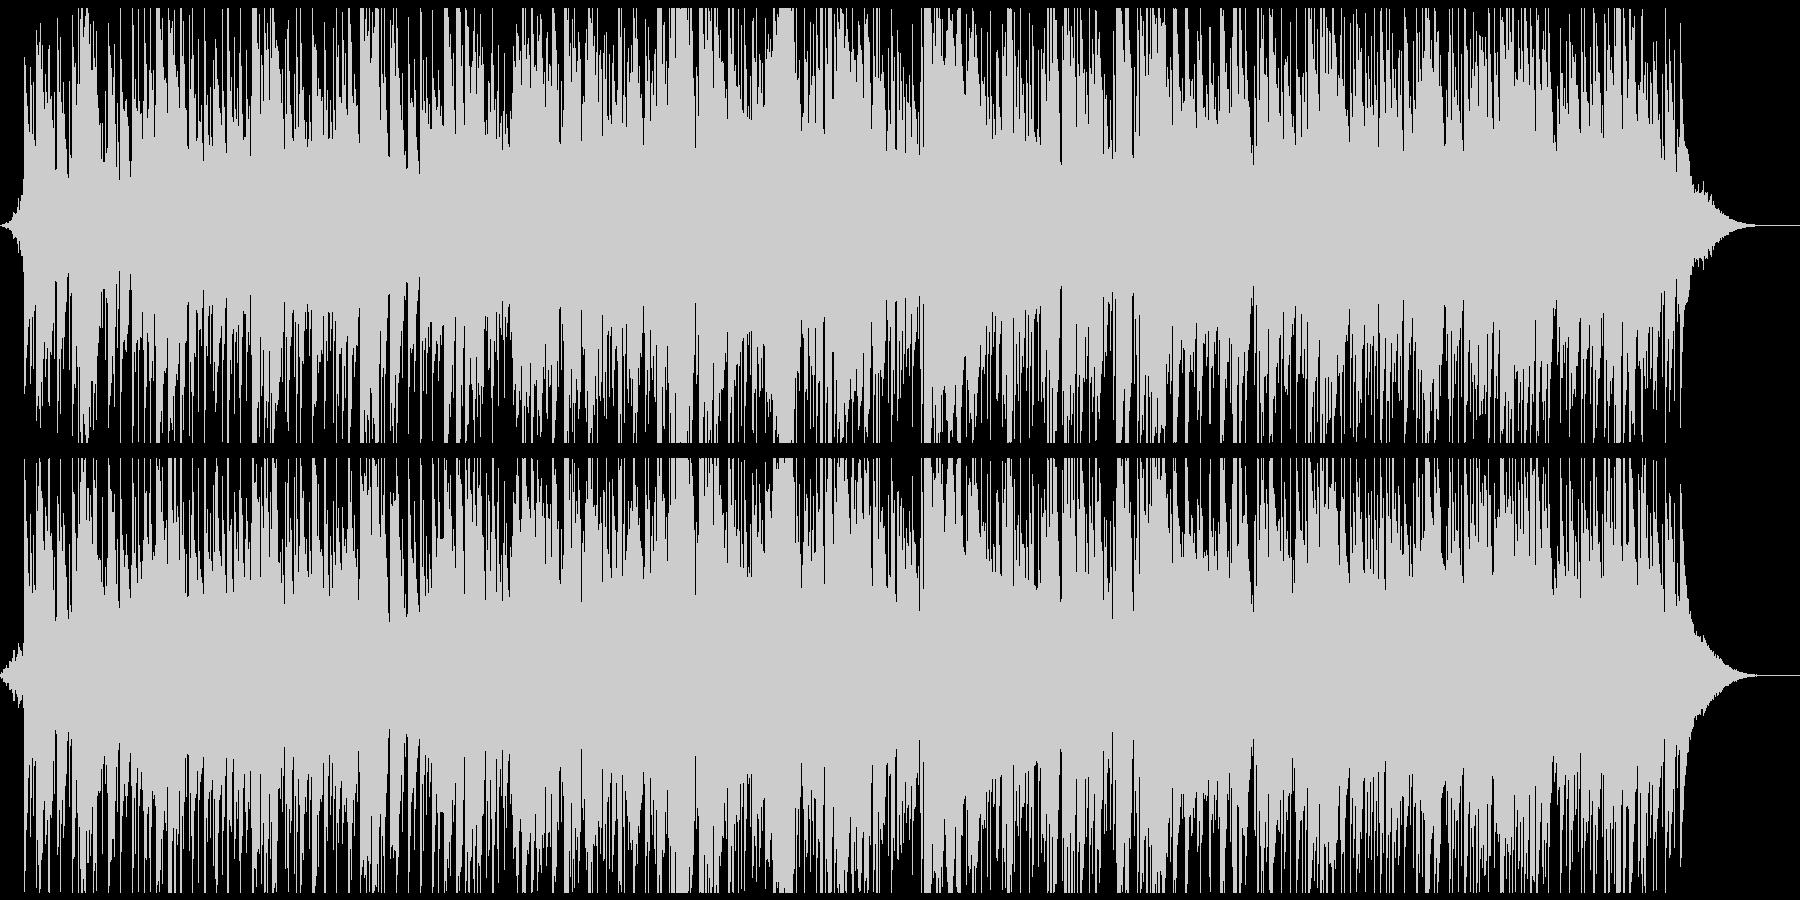 ひいらぎかざろう・クリスマス曲・ボサノバの未再生の波形